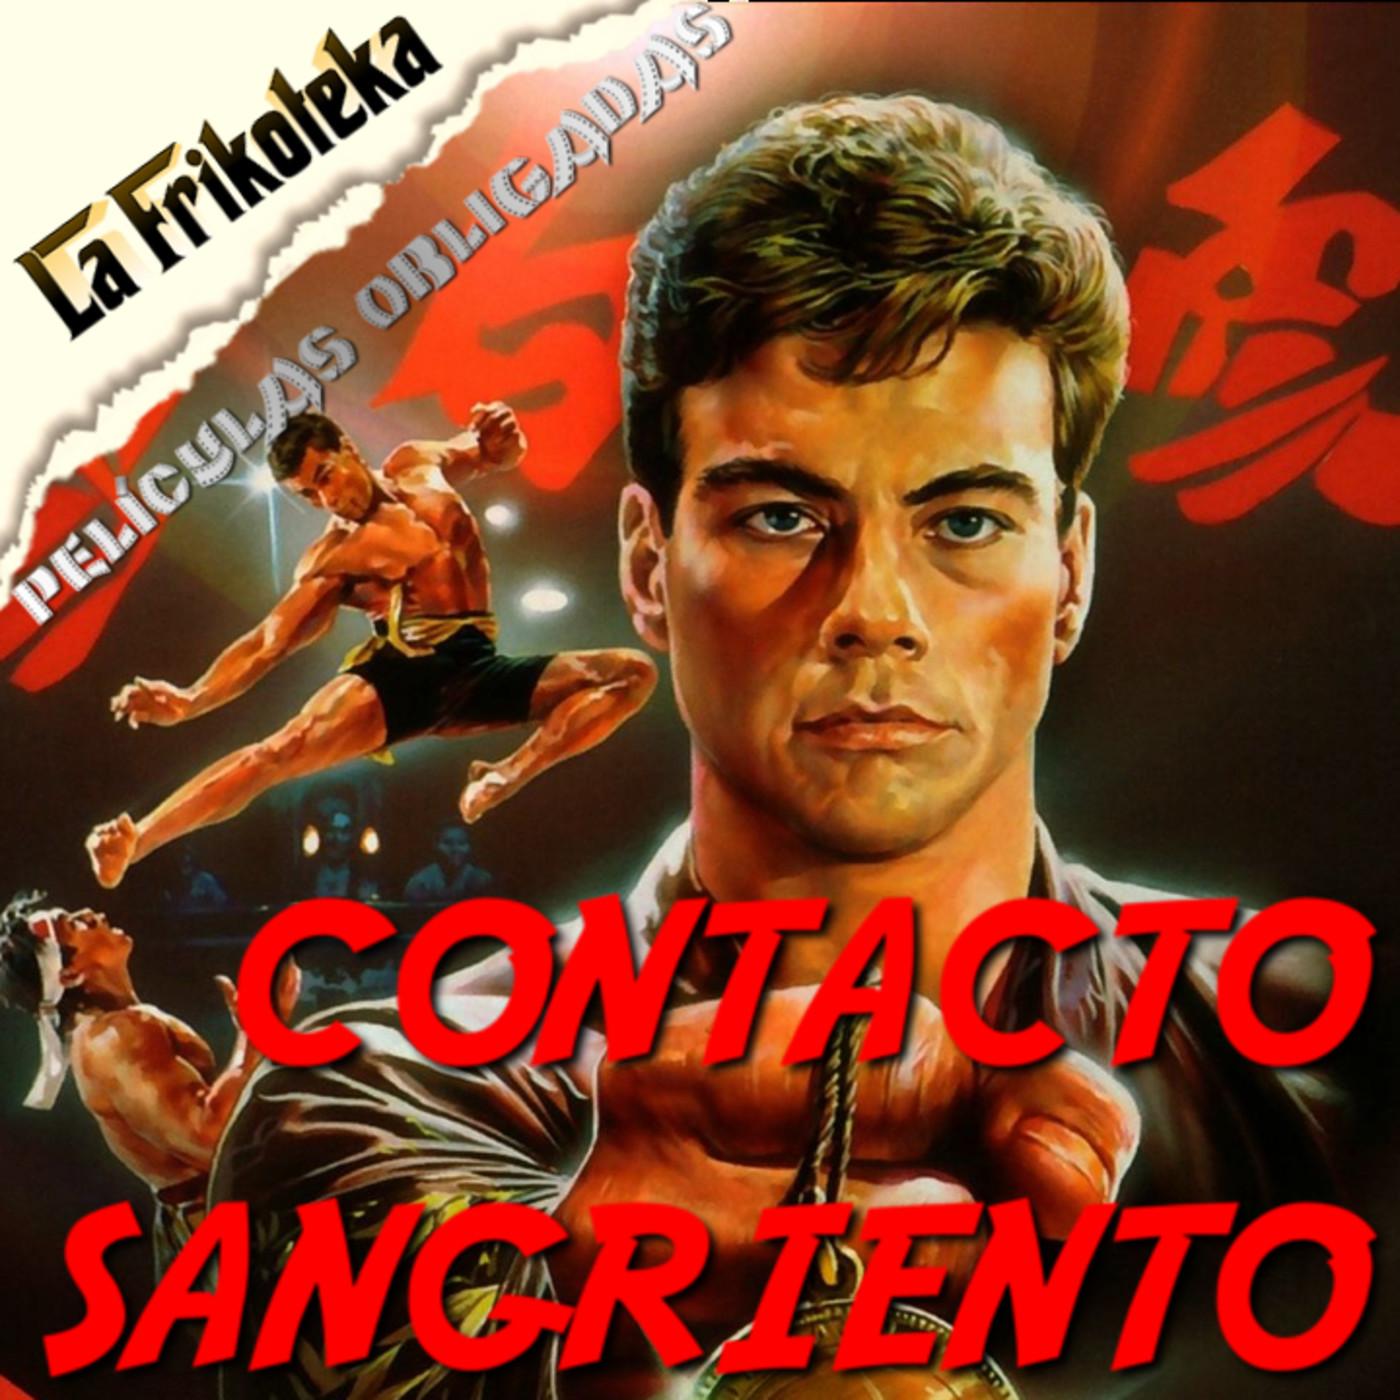 093 - Contacto Sangriento (1988)